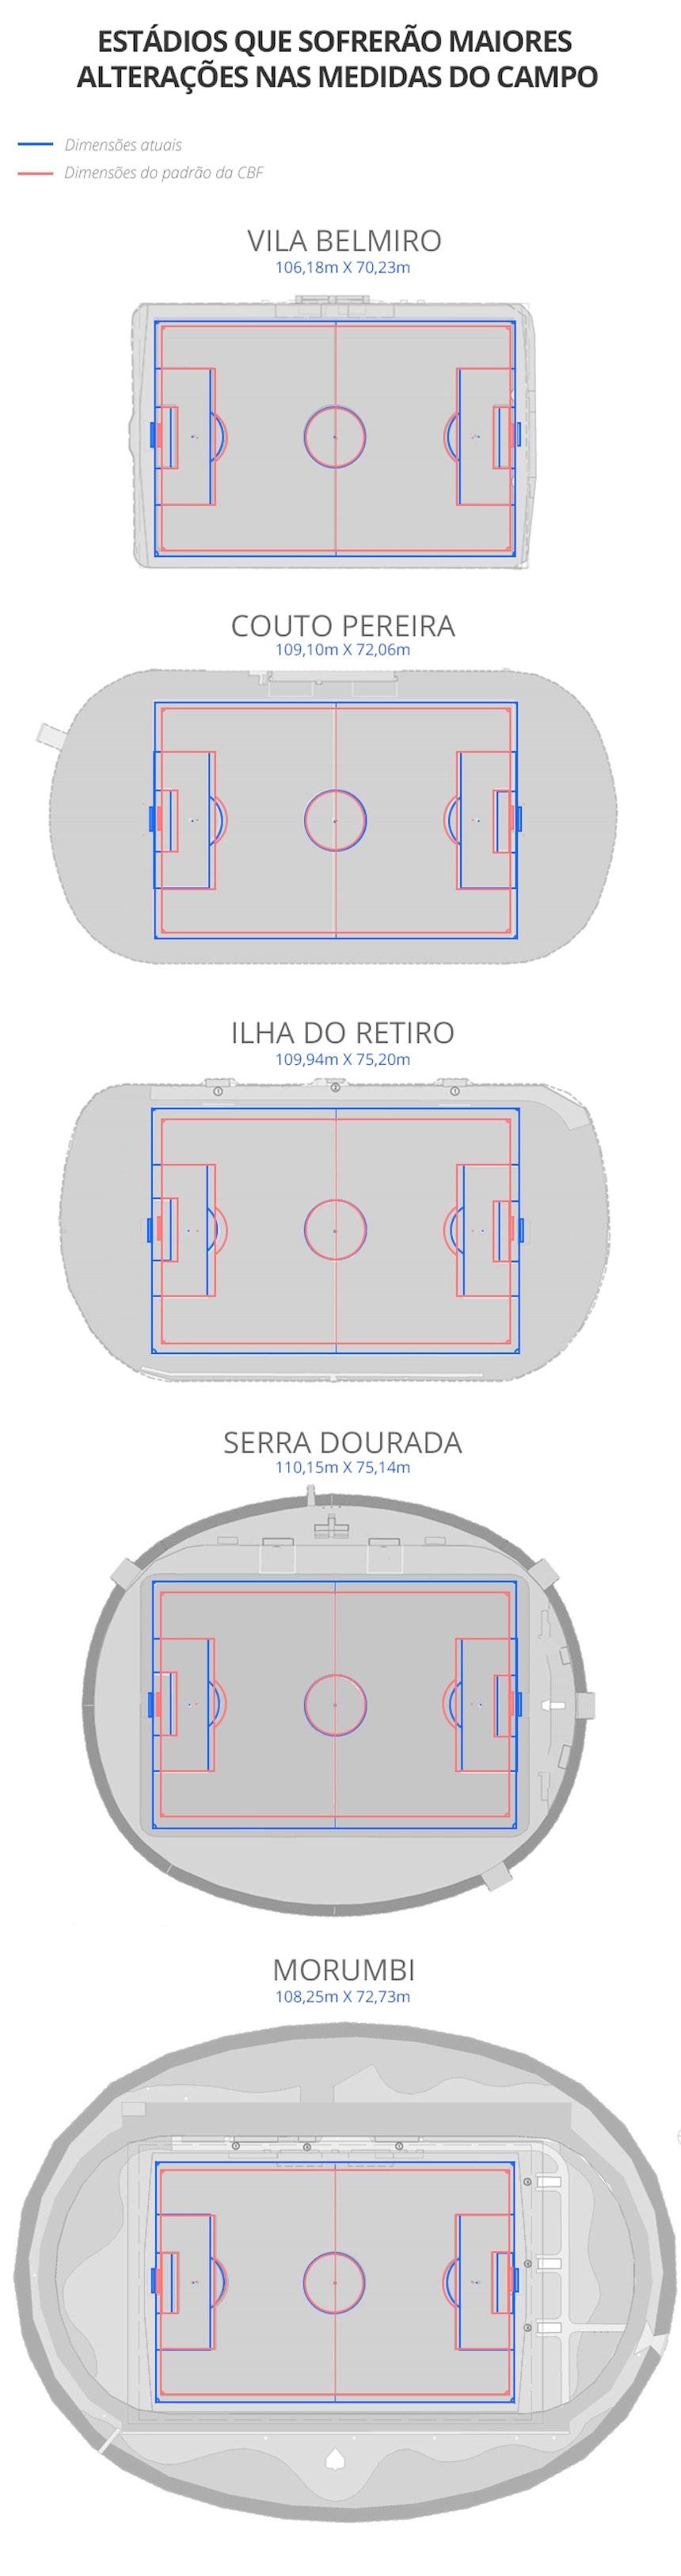 Estádios que sofrerão maiores alterações nas medidas do campo